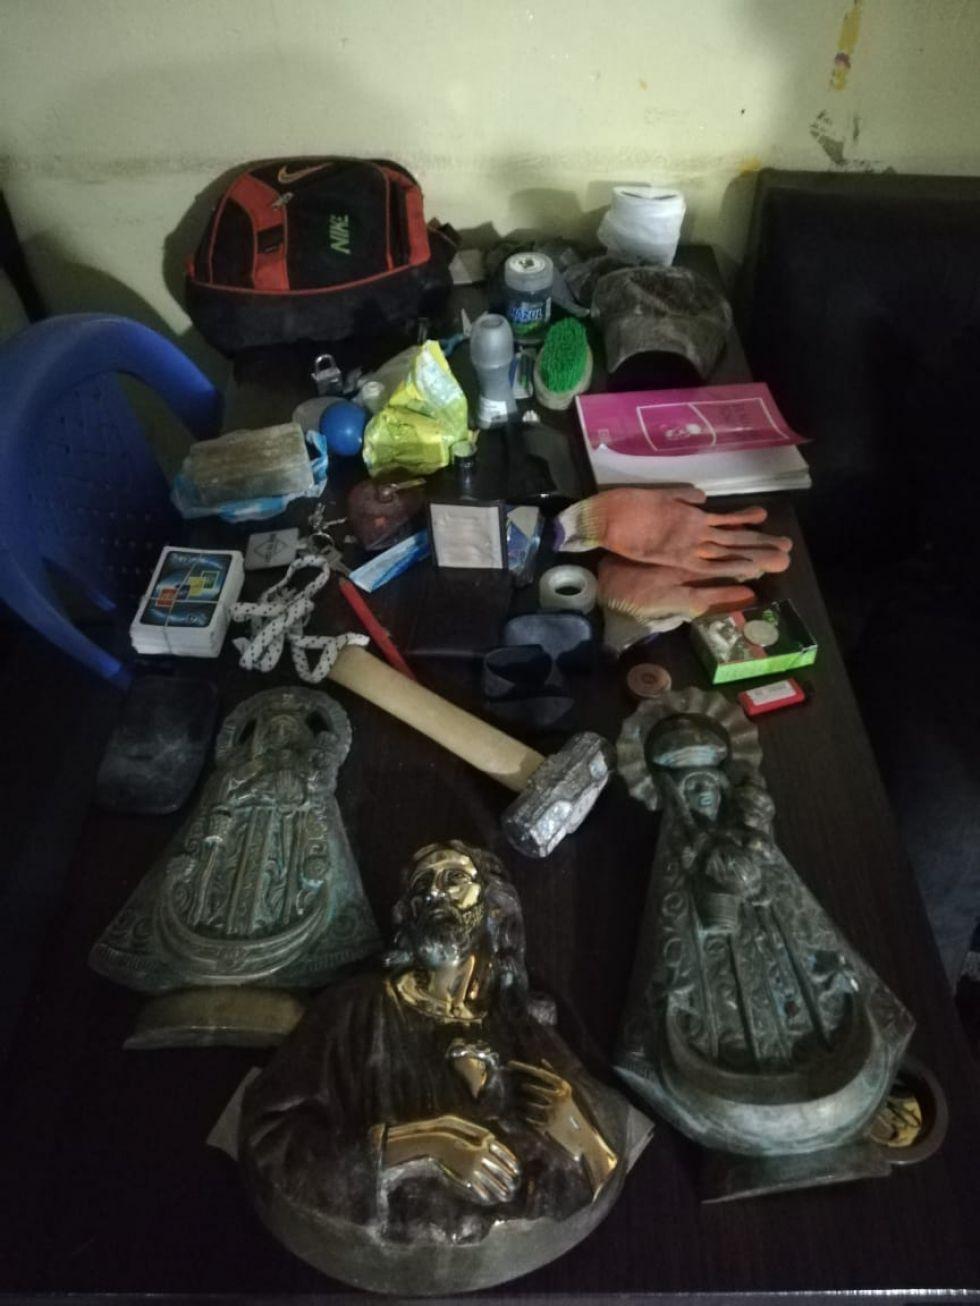 Los objetos que estaban en la mochila del acusado.